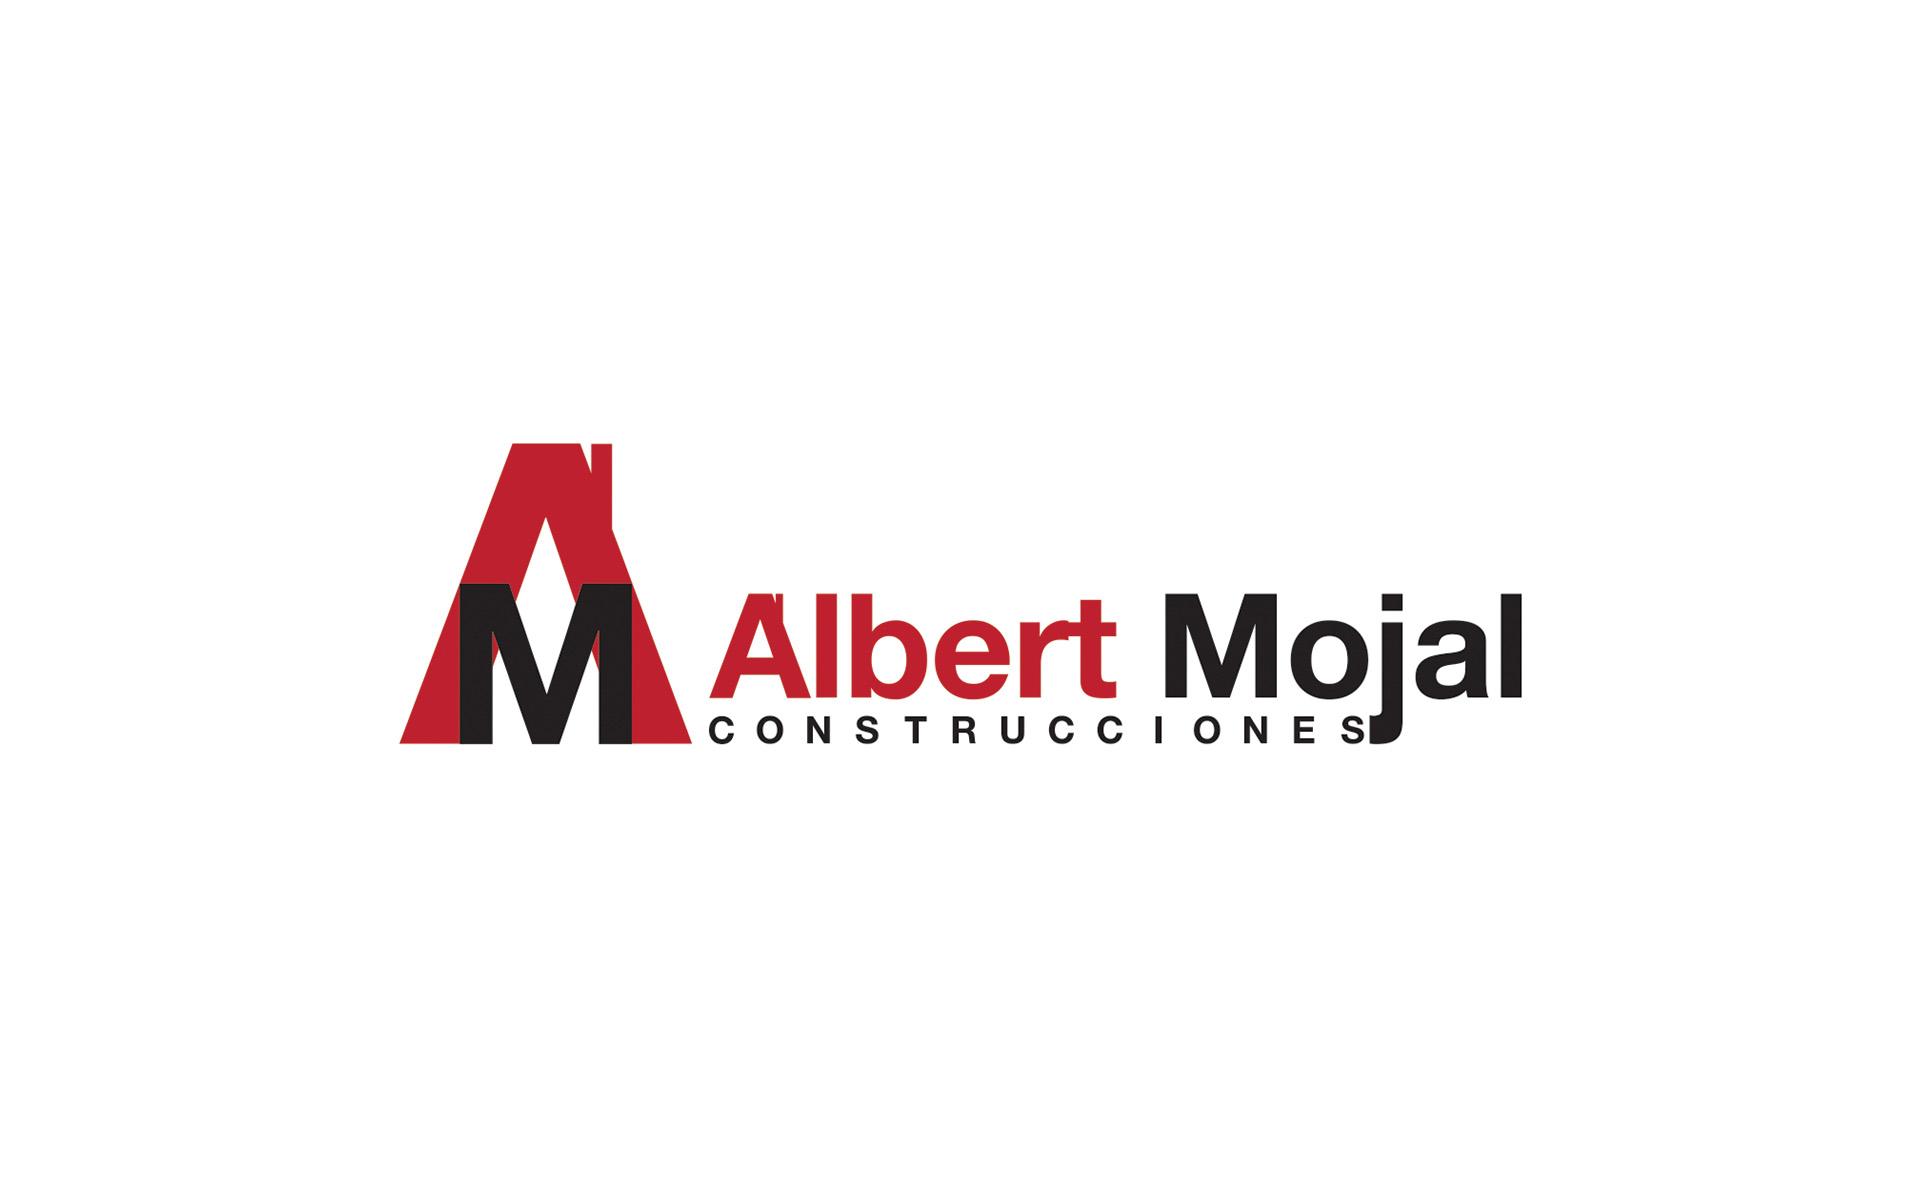 Albert Mojal Construcciones Branding & Marketing - Branding & Positioning